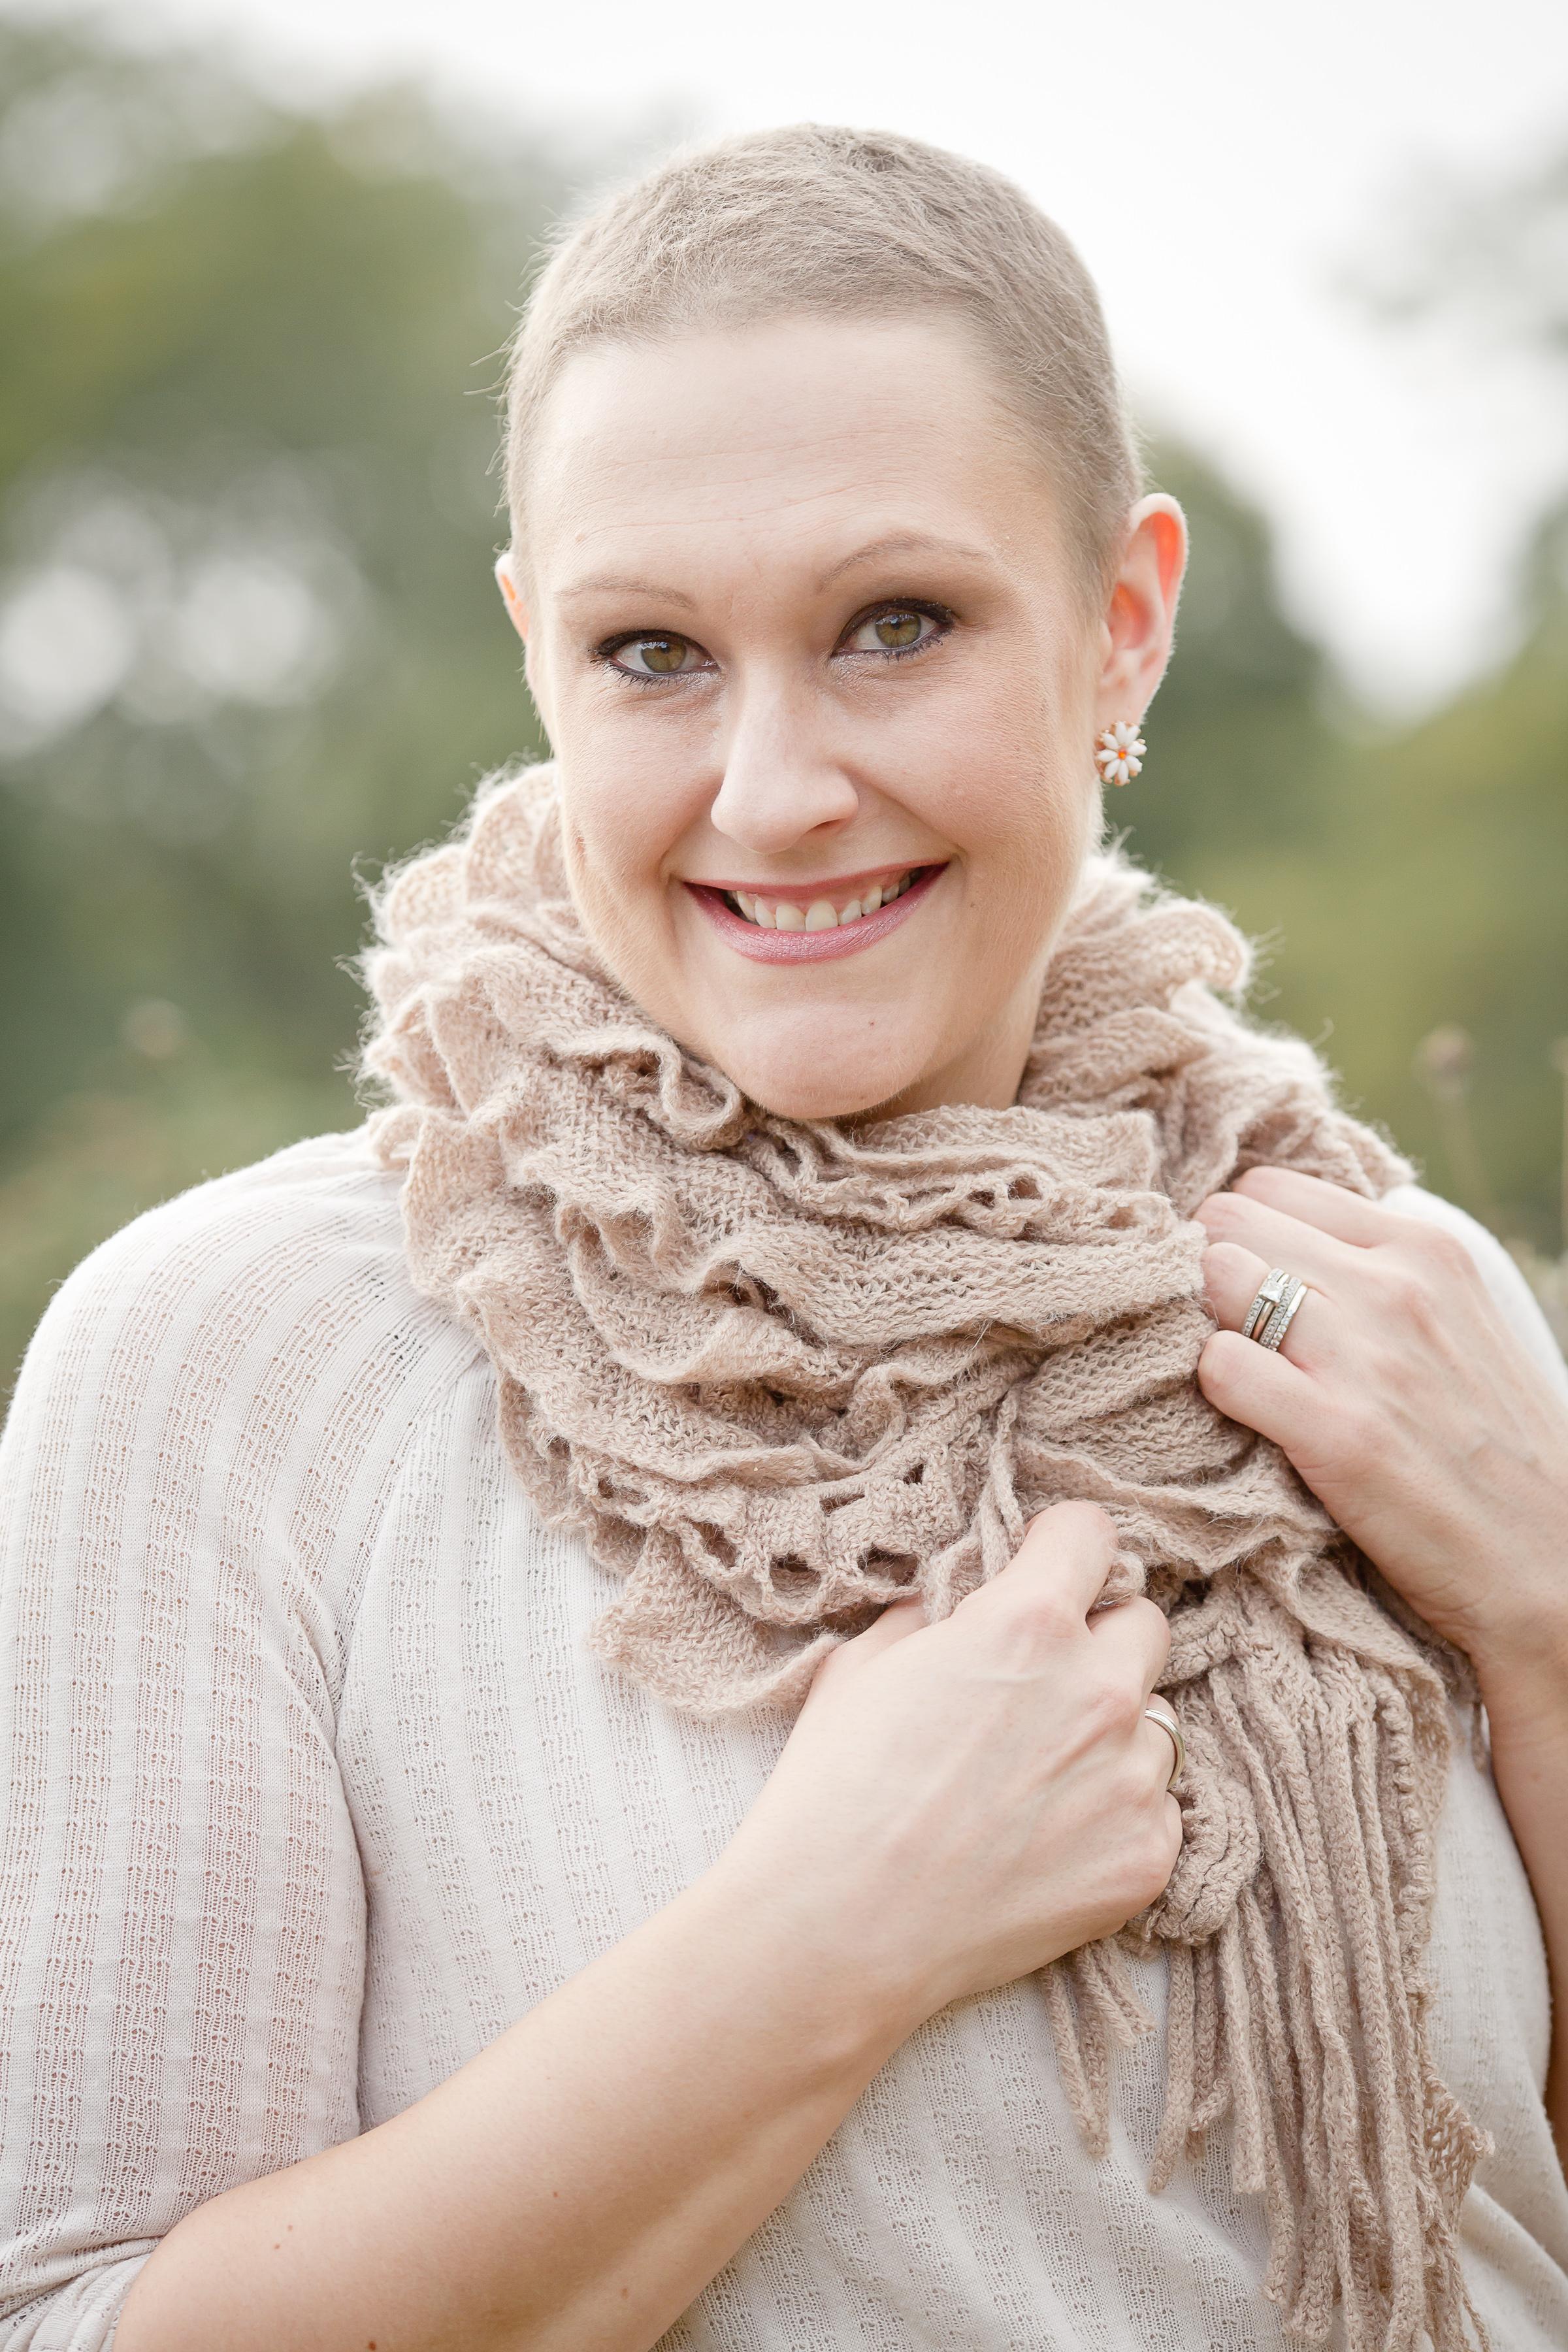 clickforhope_breastcancershoot-22.jpg